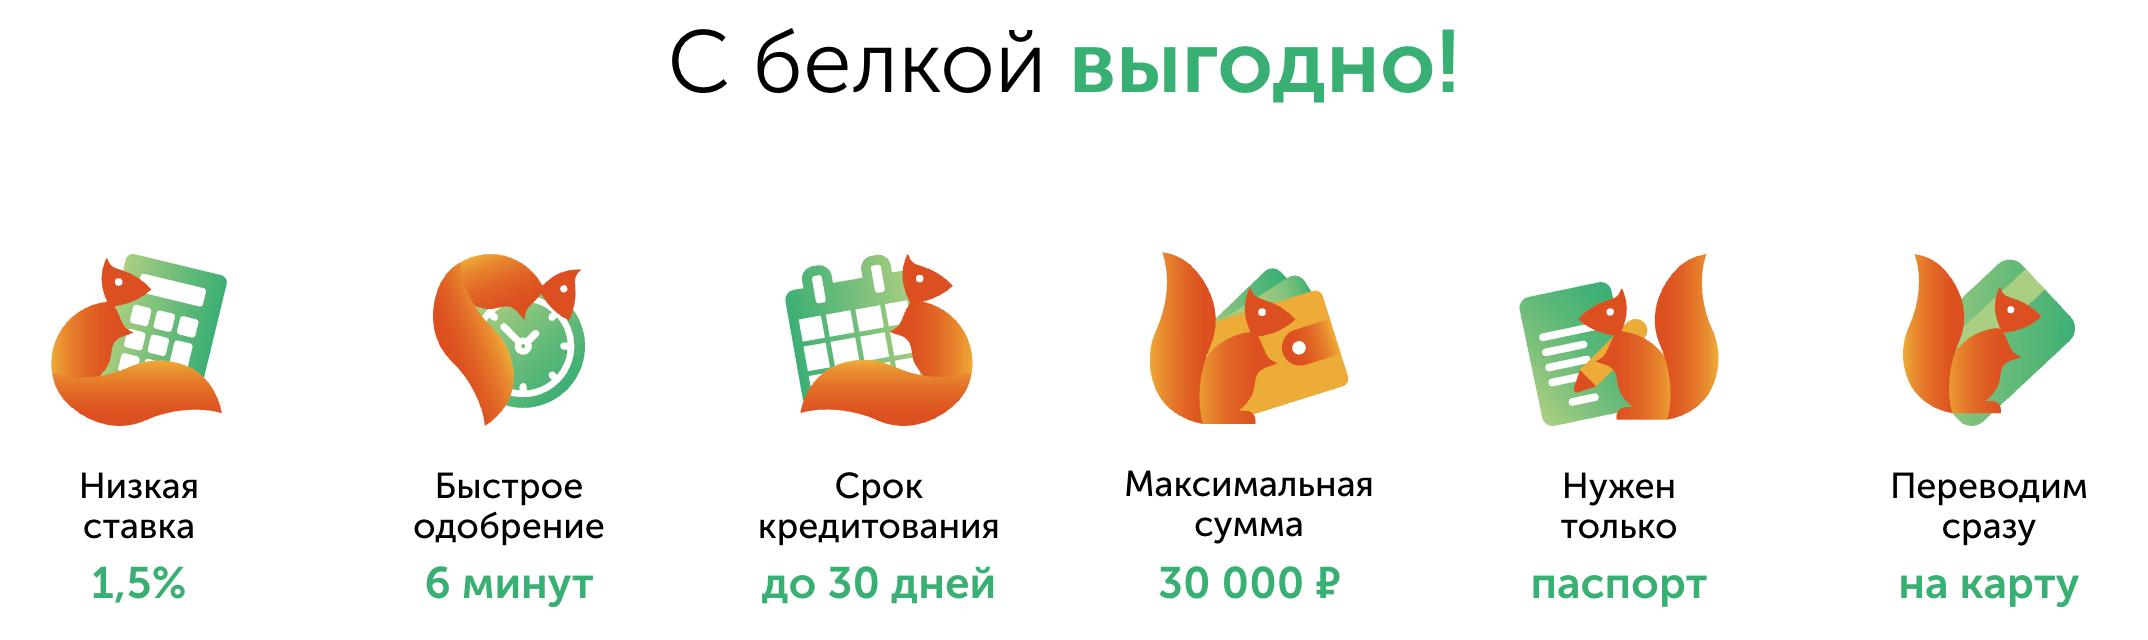 belka-plus.png